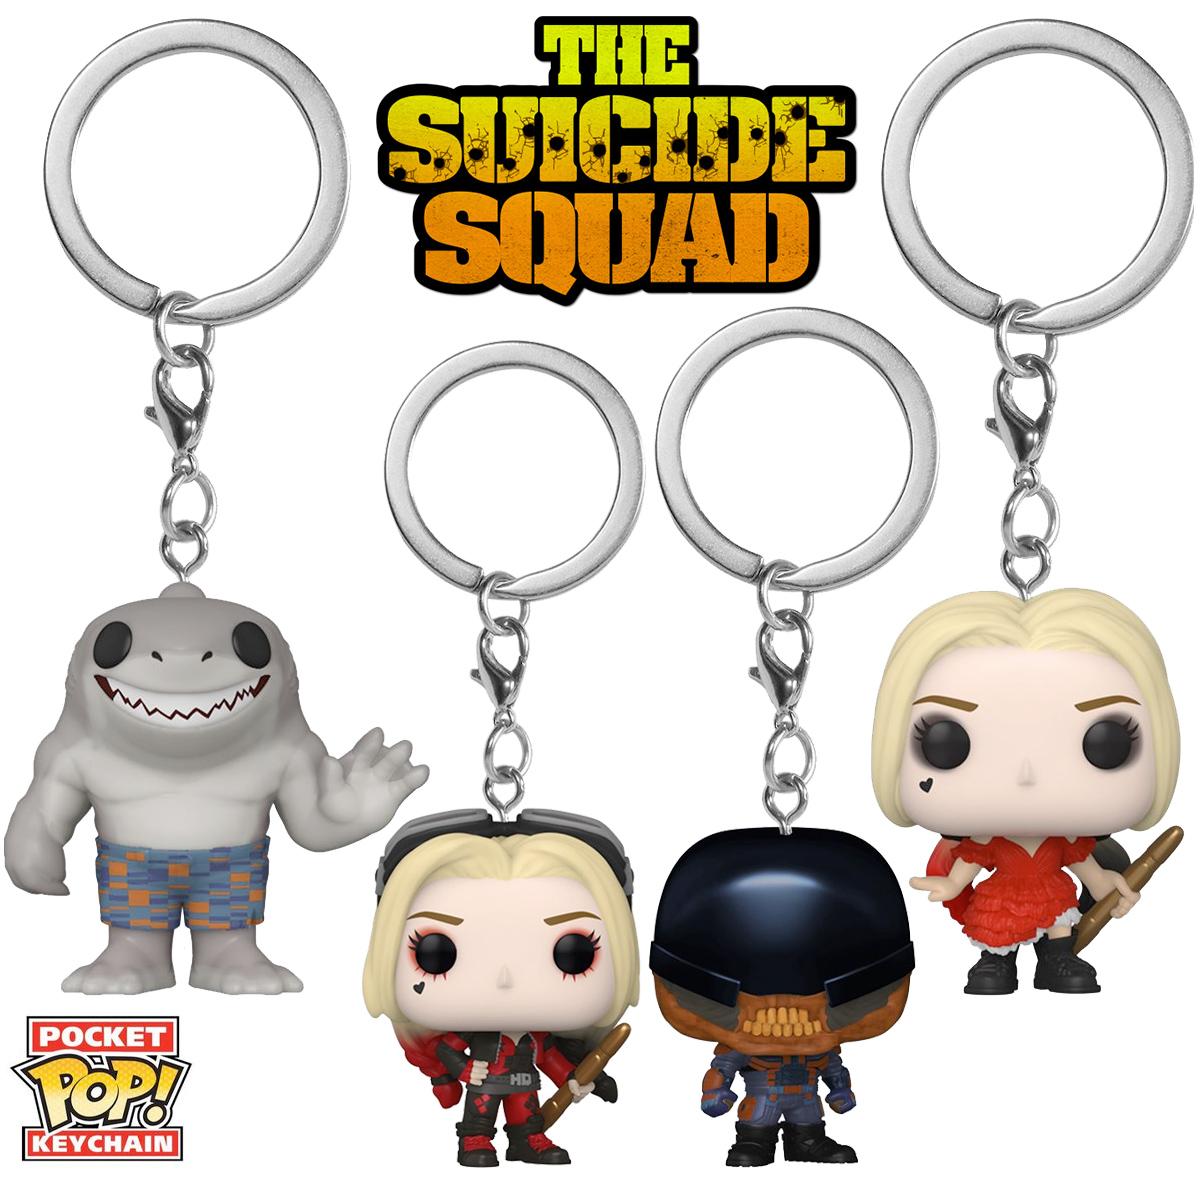 Chaveiros O Esquadrao Suicida The Suicide Squad Pocket Pop